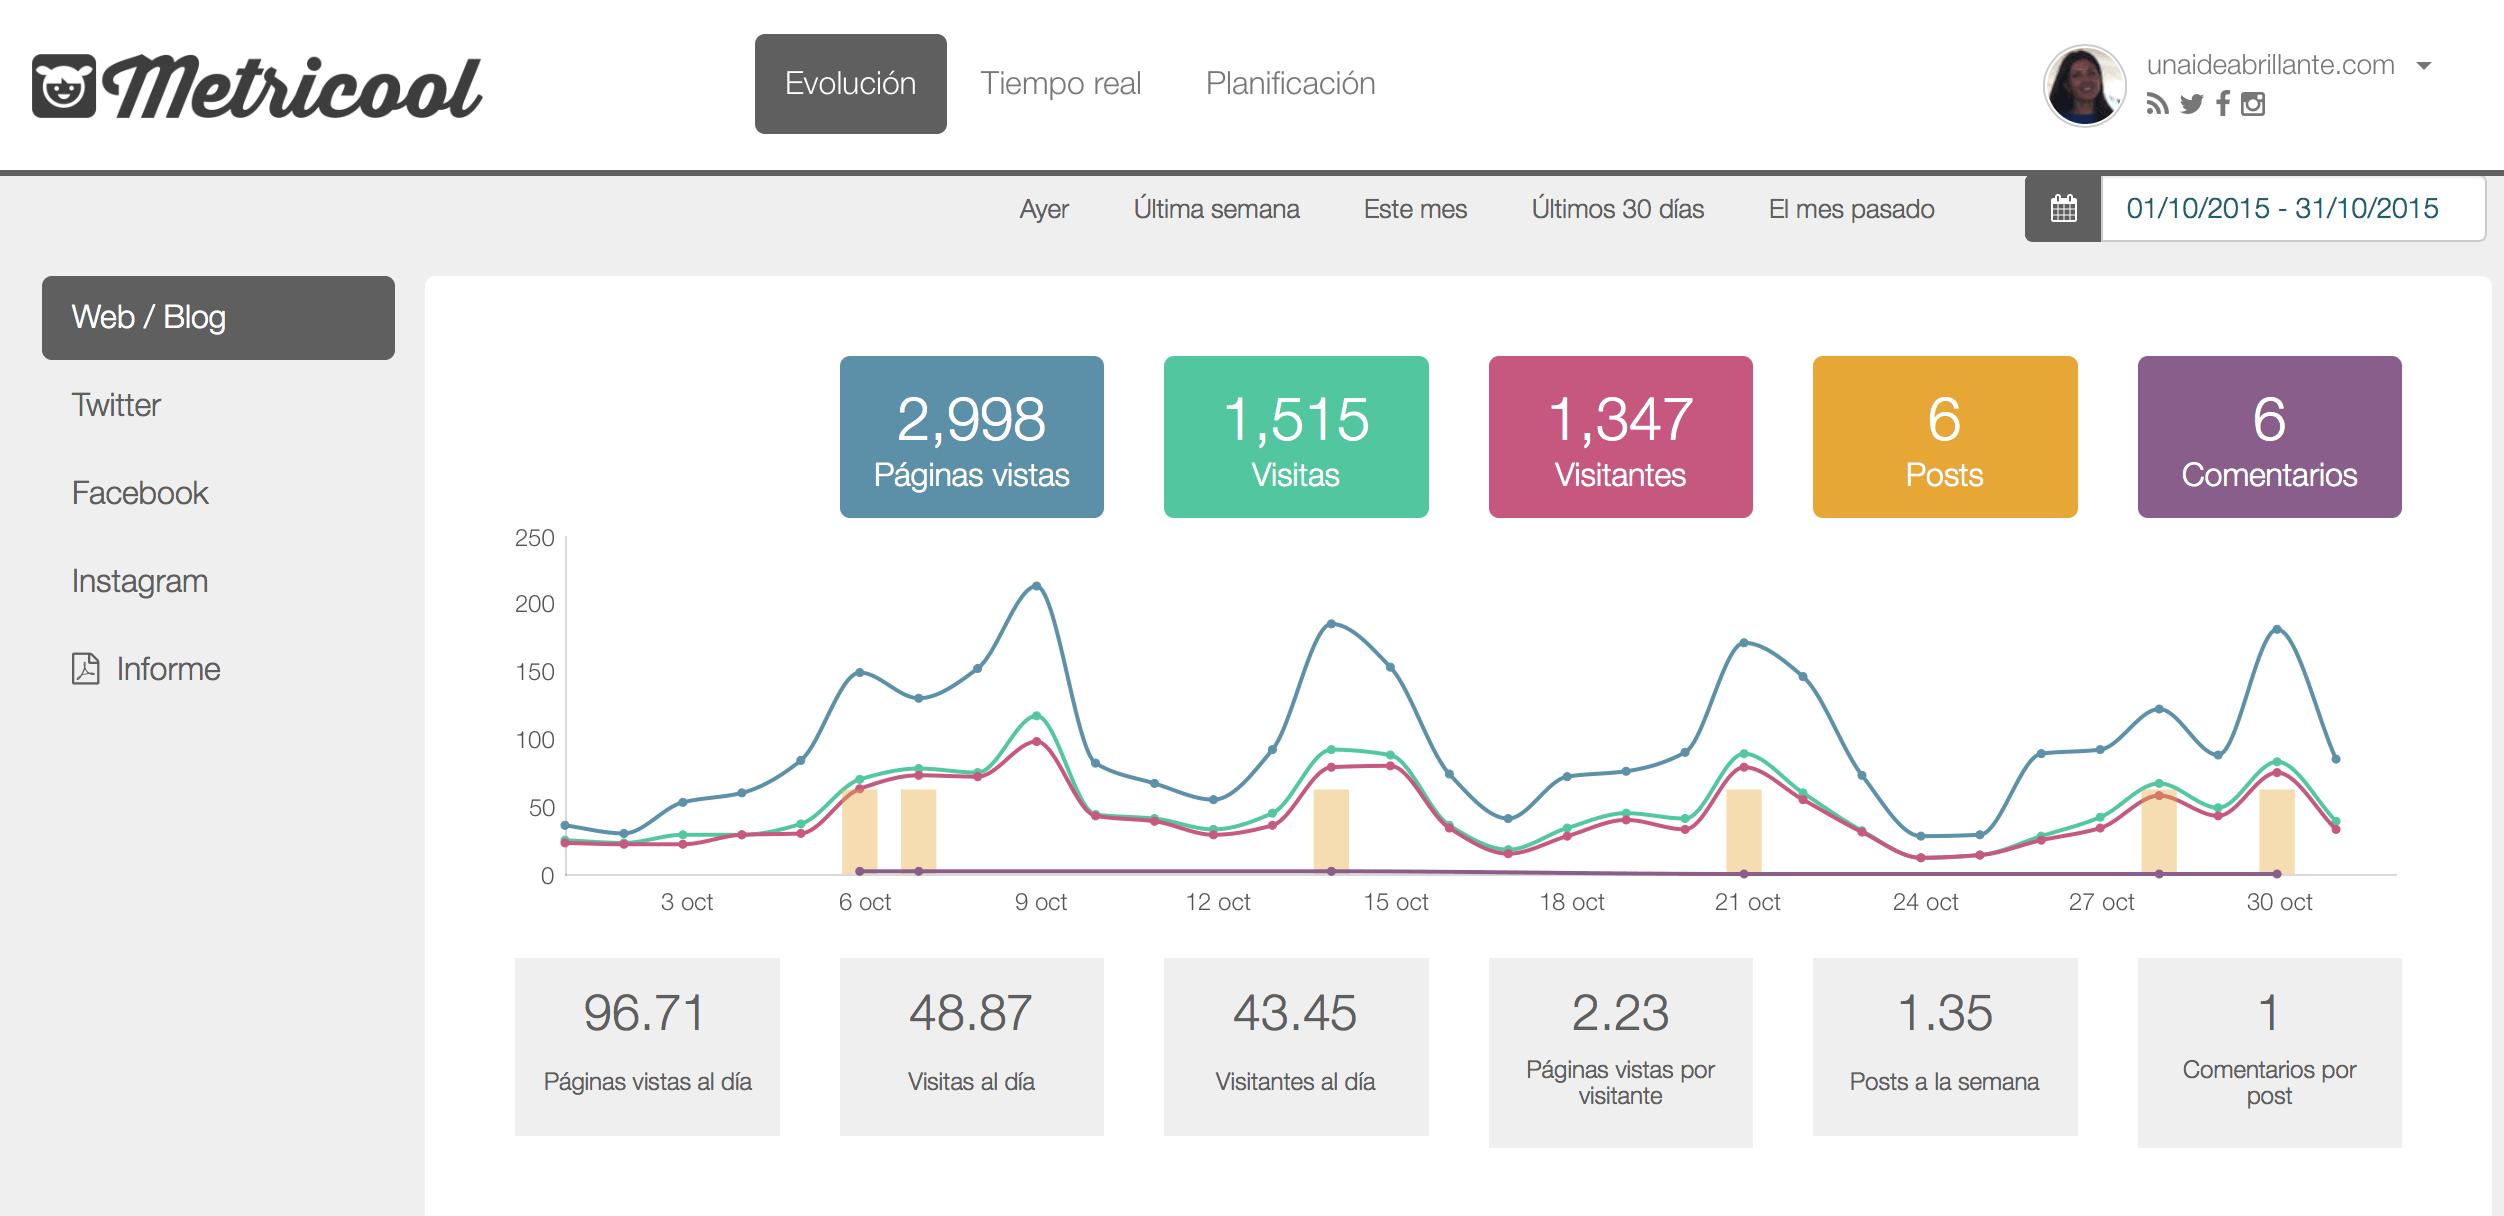 Metricool gráfica del blog unaiideabrillante